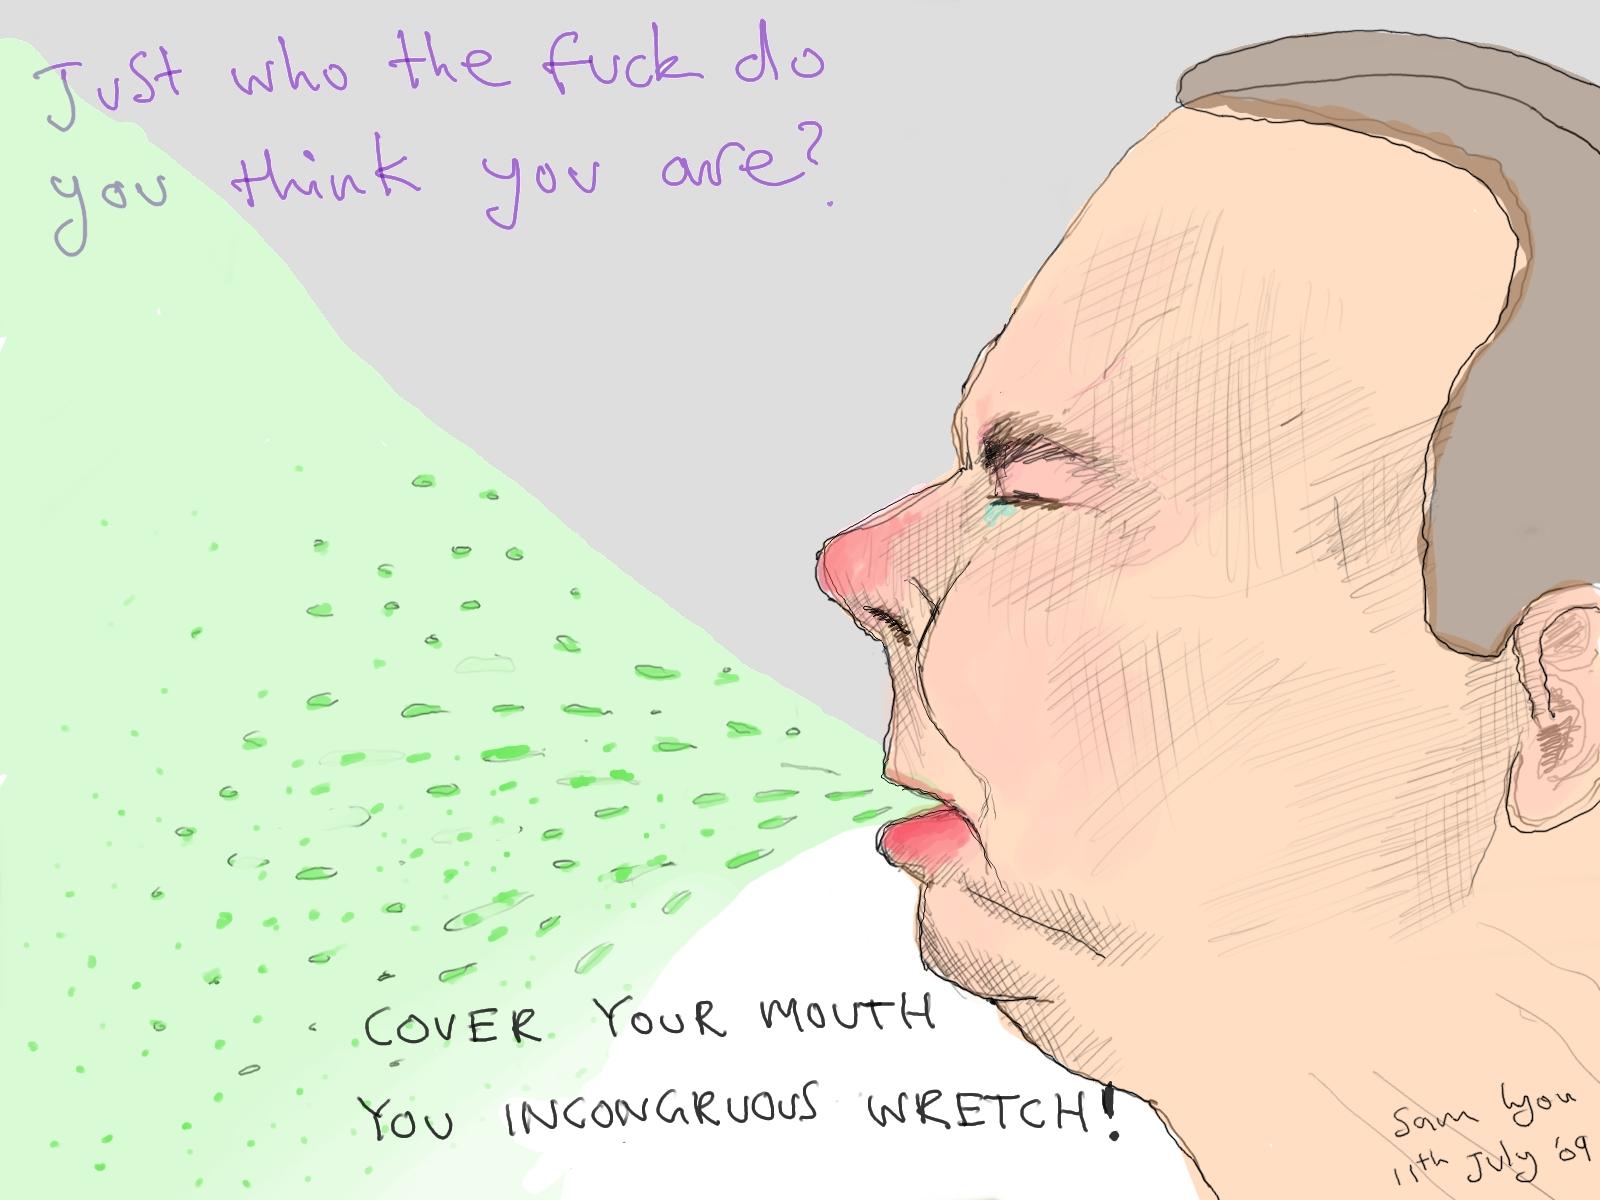 sloppy sneezes